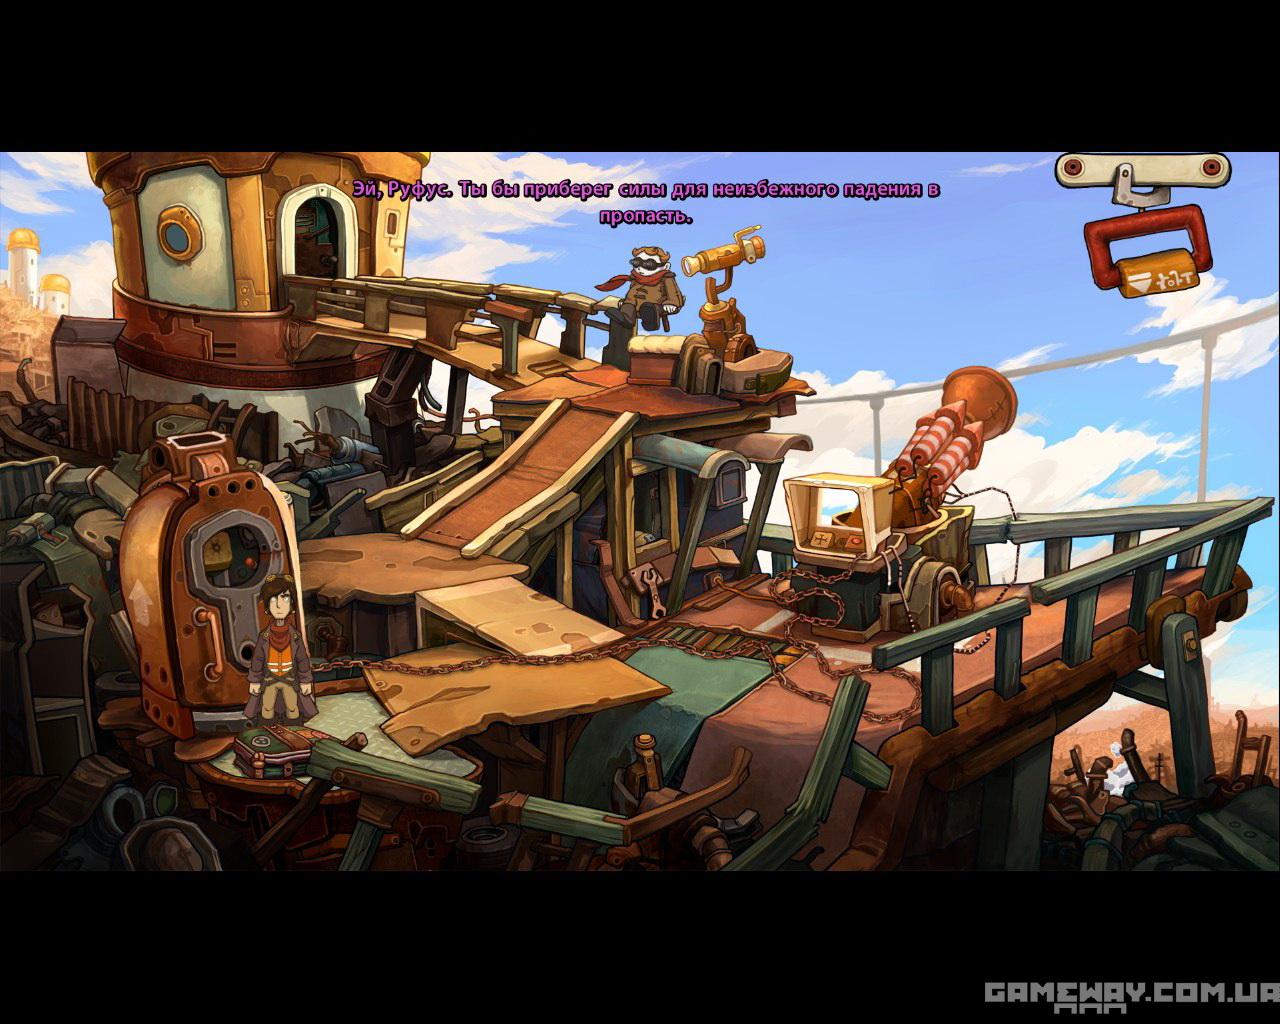 Deponia скриншоты геймплея, обзор игры